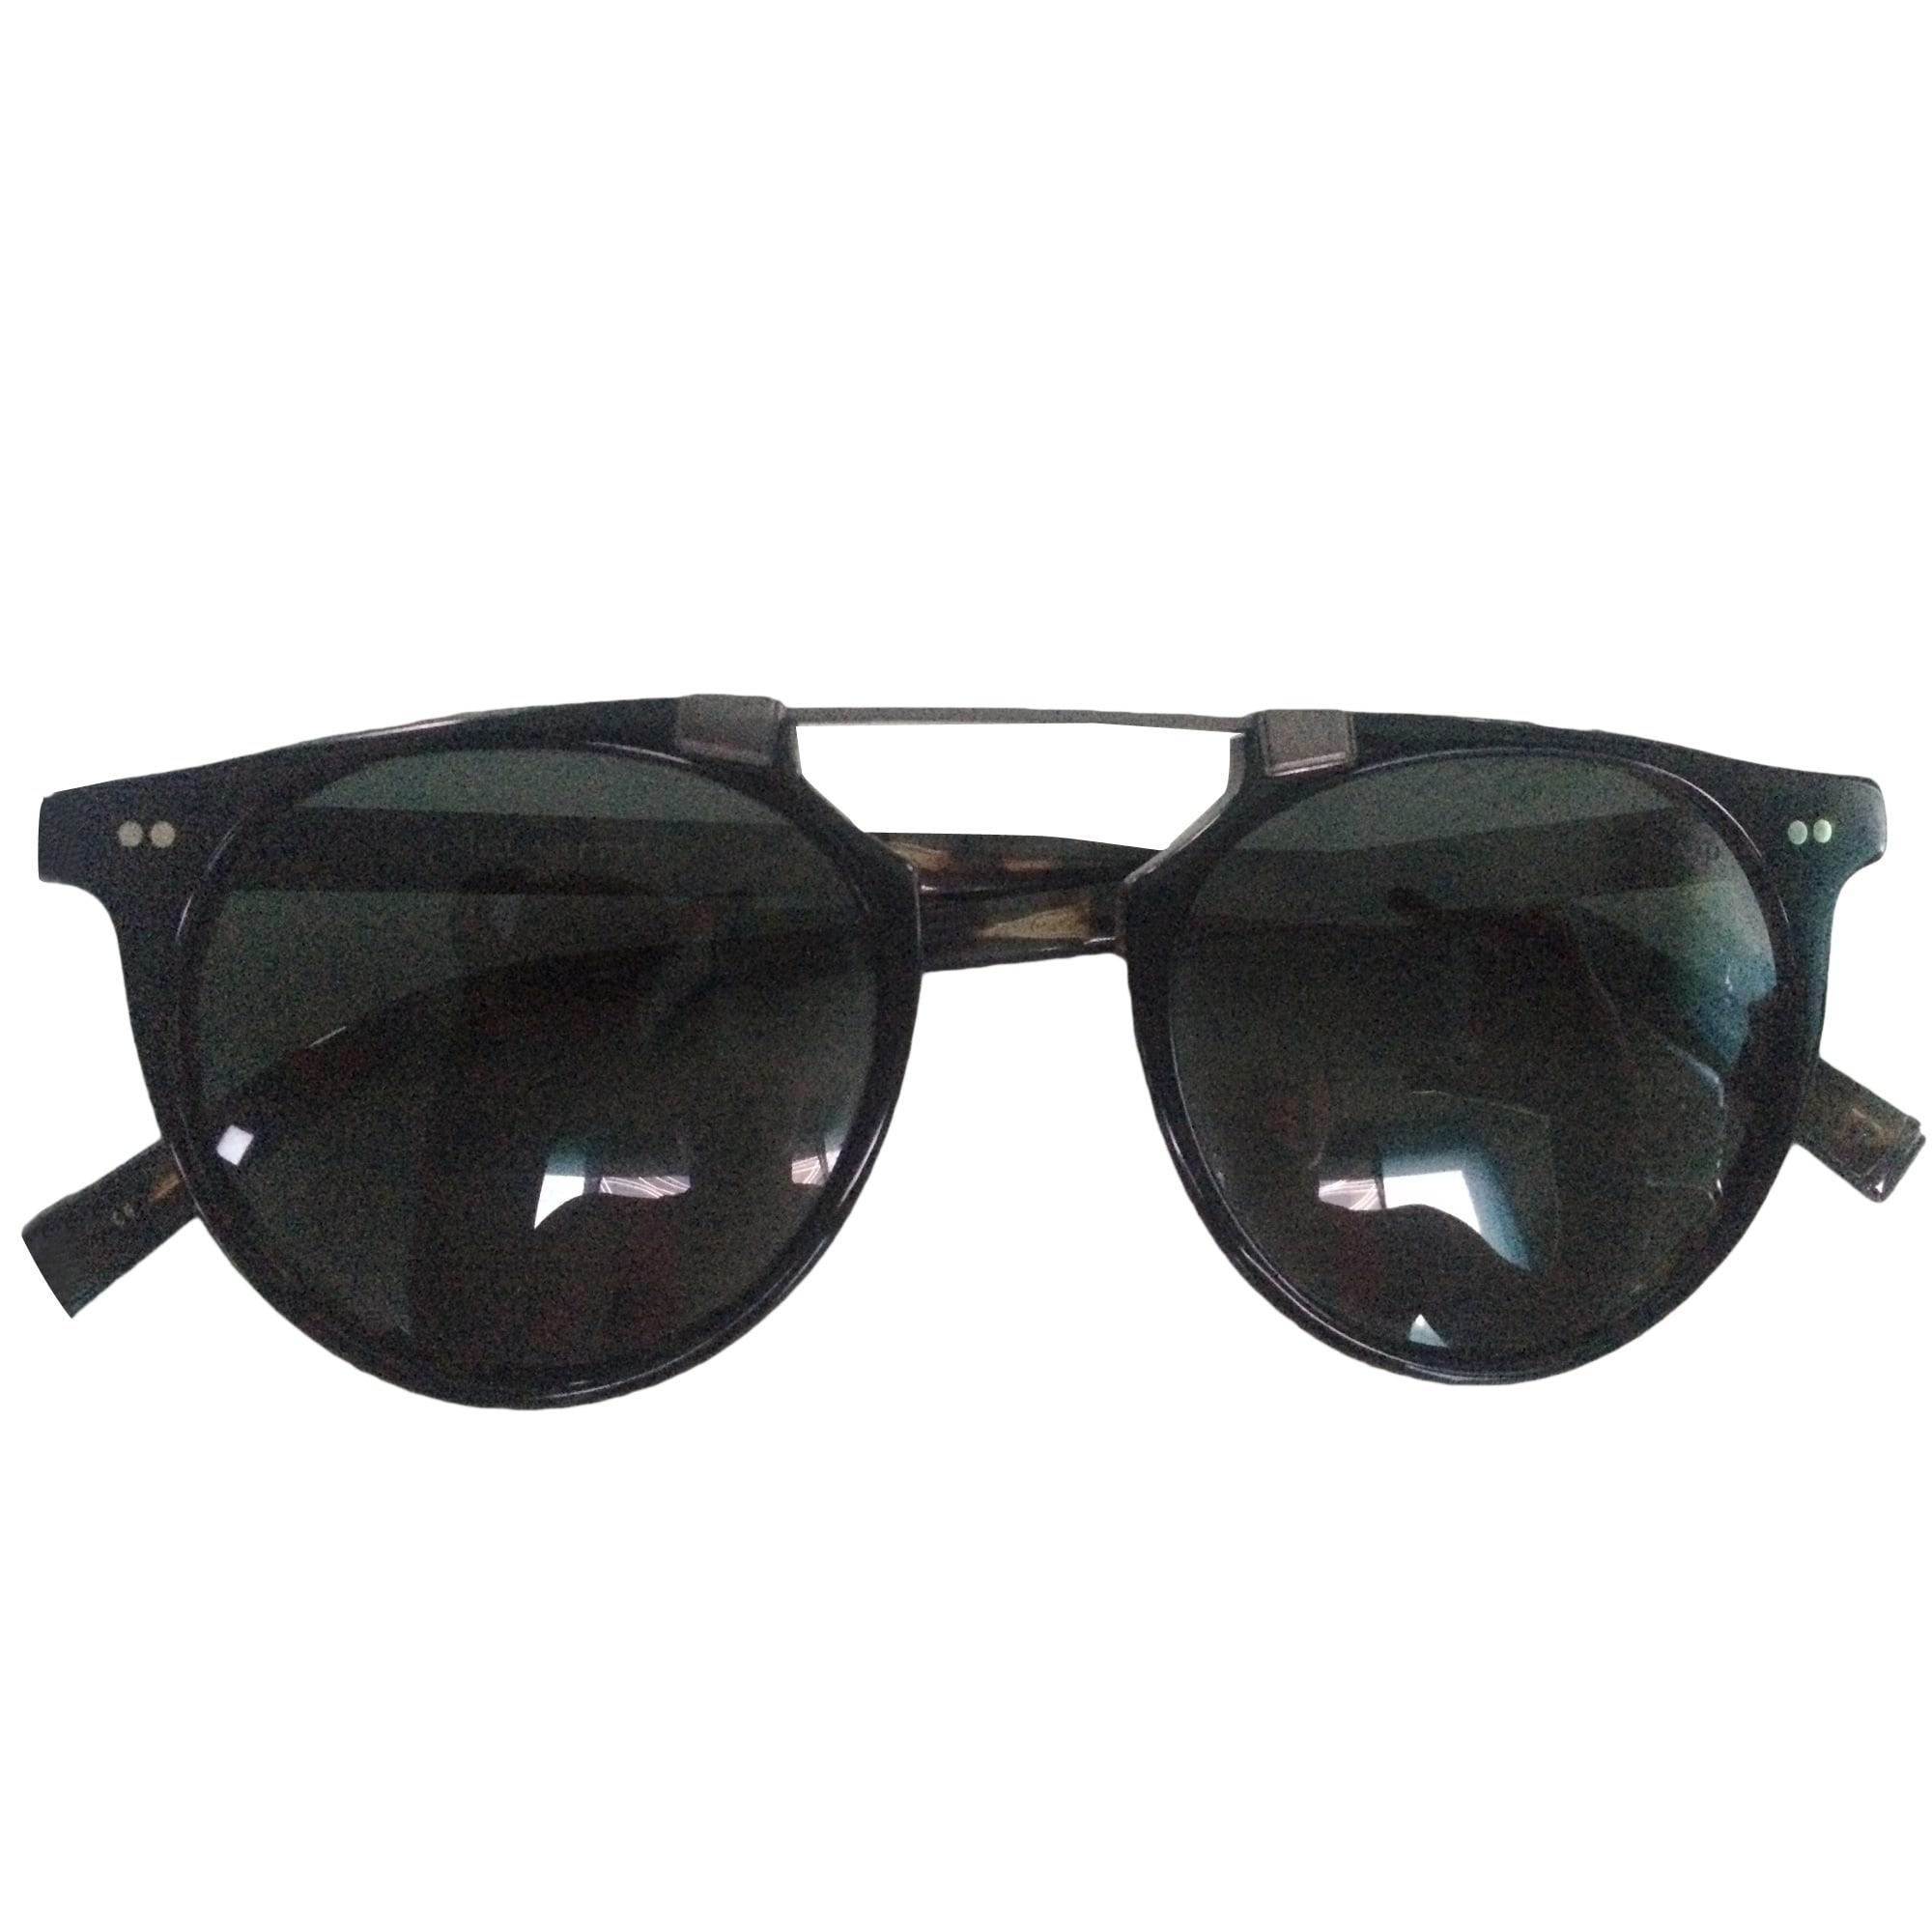 99403f02079 Lunettes de soleil JOHN VARVATOS noir vendu par Asl161536583 - 5098260